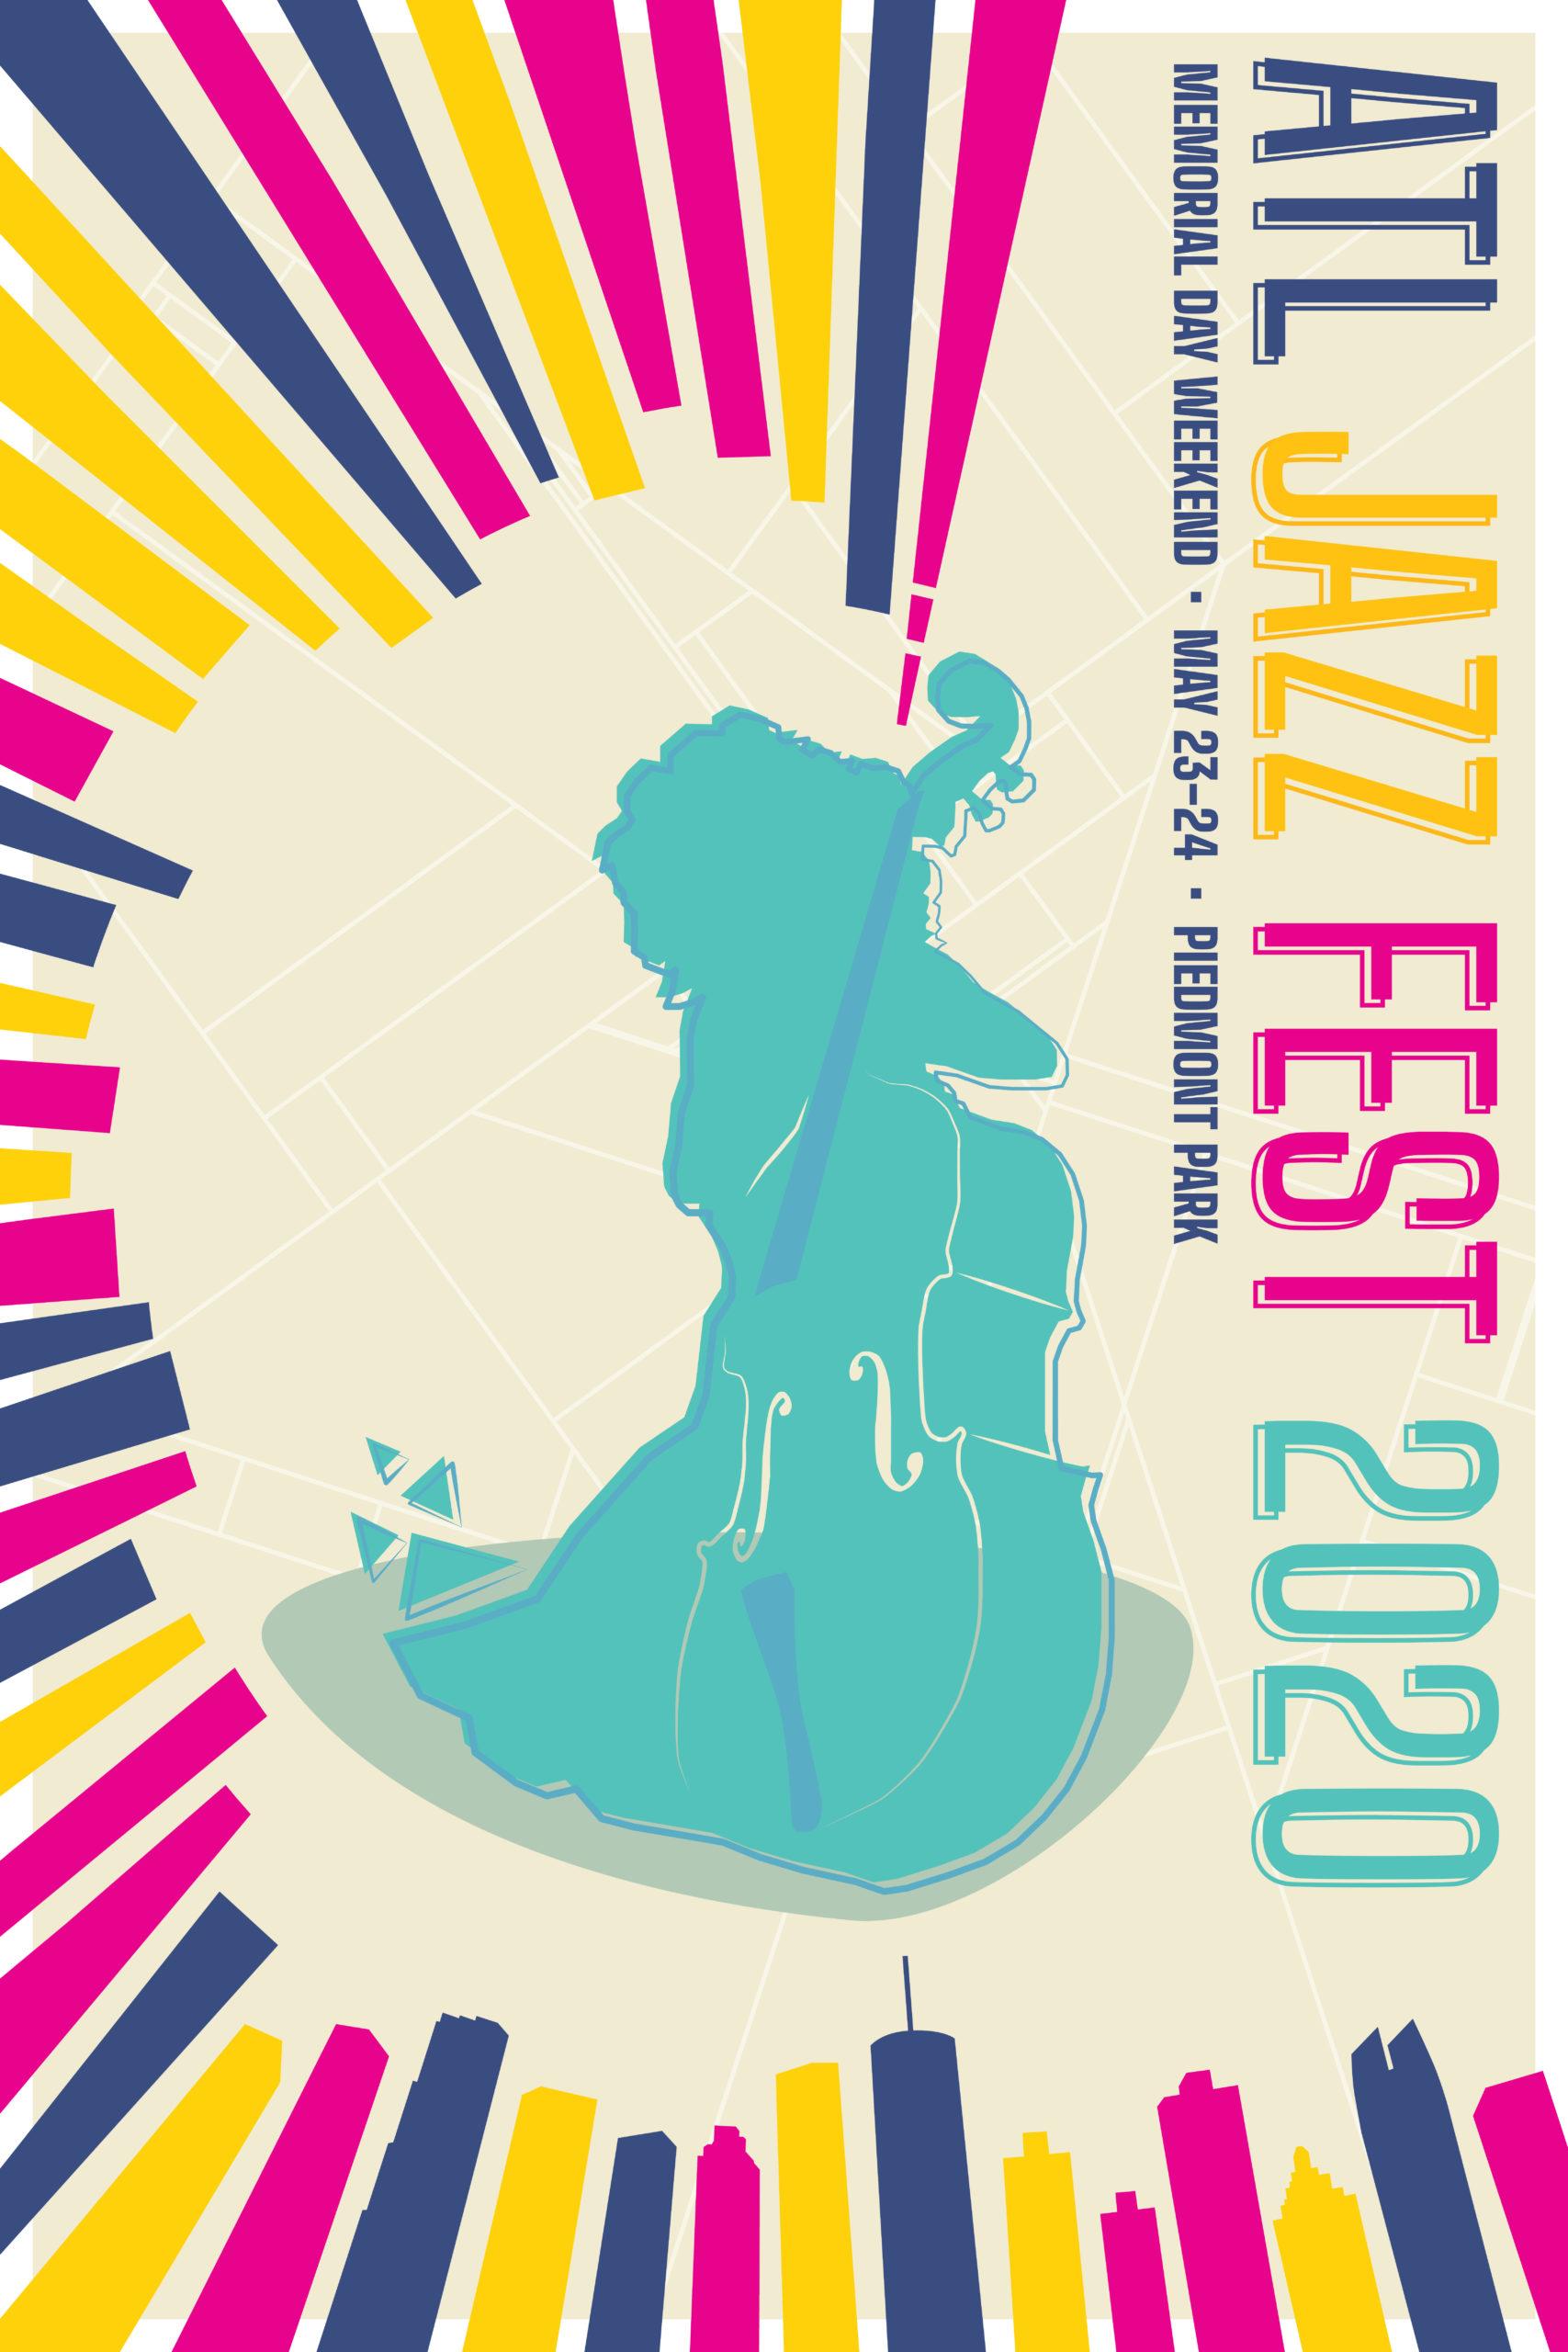 Atlanta Jazz Festival poster design 2